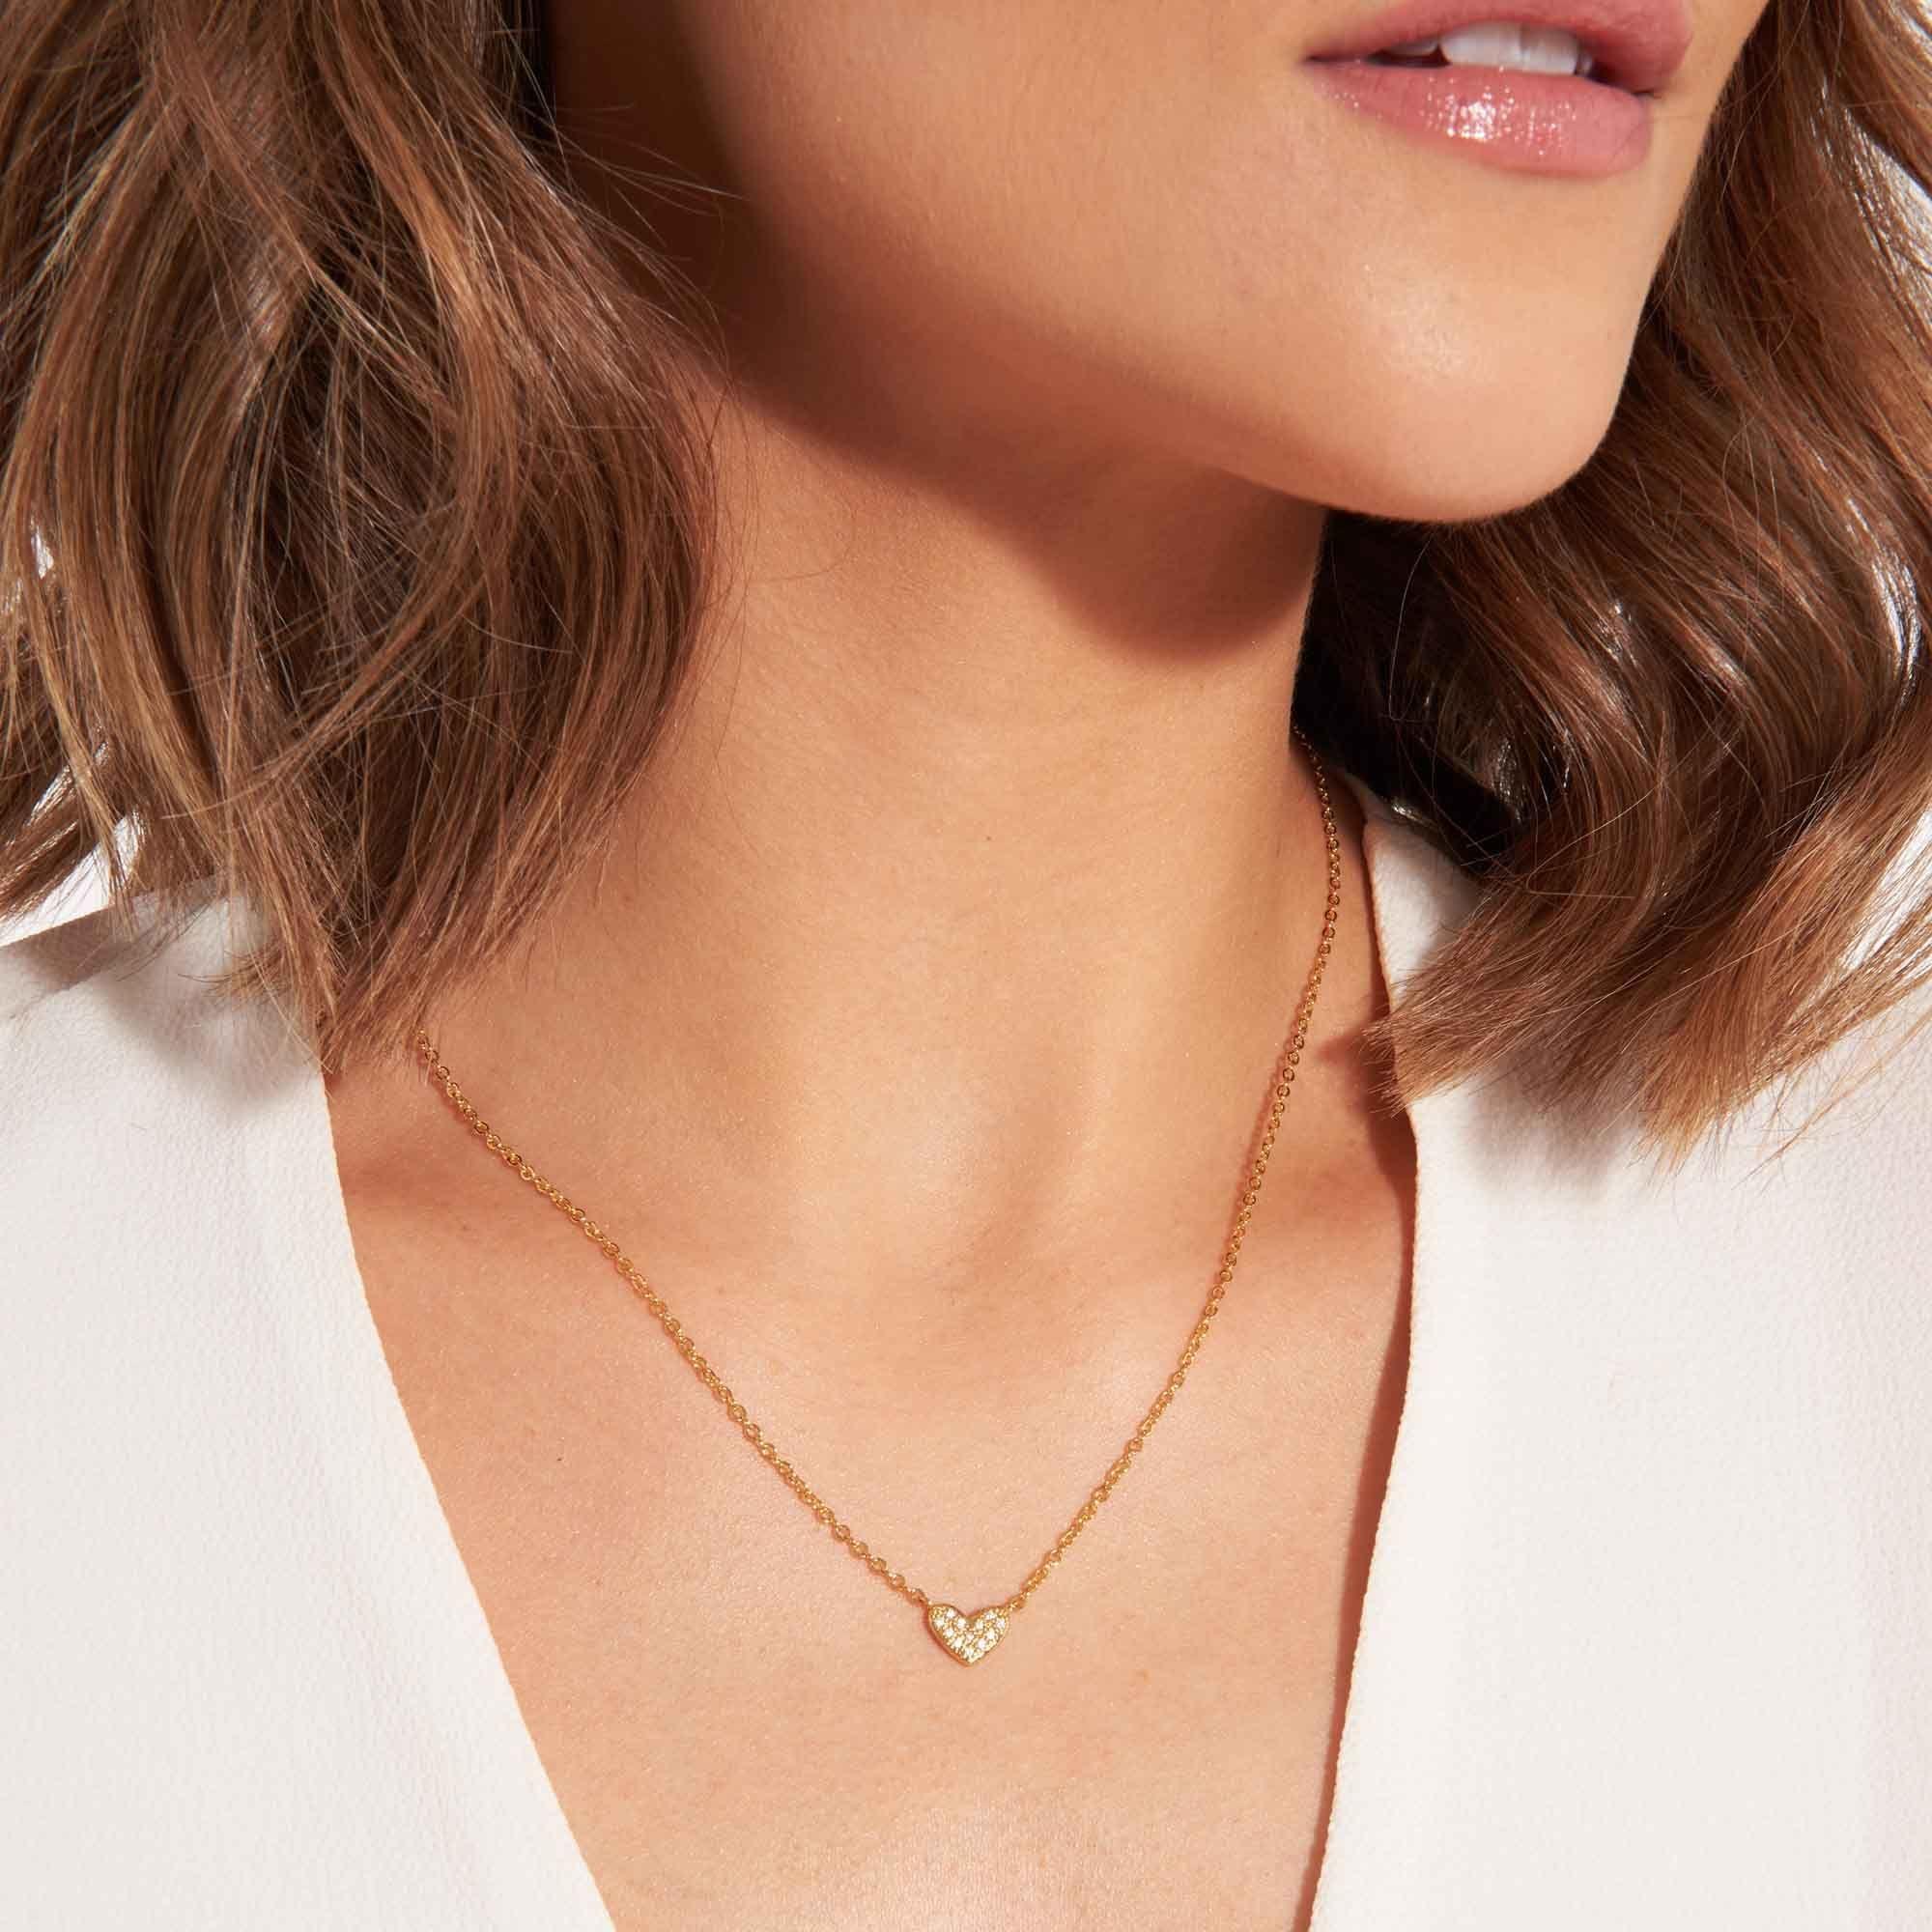 Joma Jewellery Juwelenset - Heart of Gold - Ketting & Oorbellen Goud